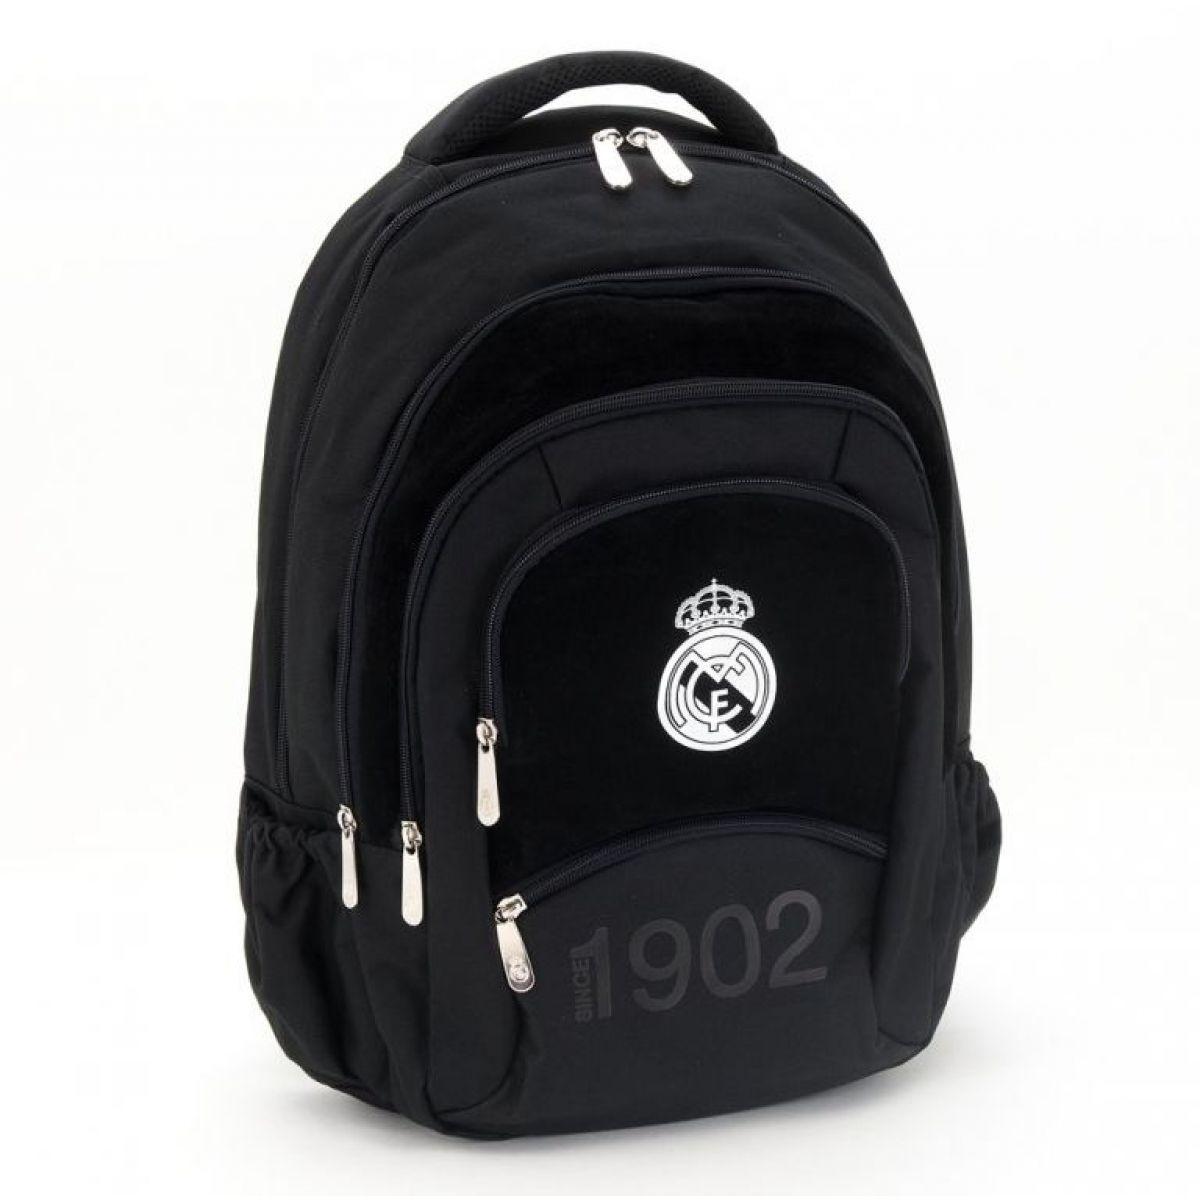 7947687770 Ars Una Školní batoh Real Madrid black